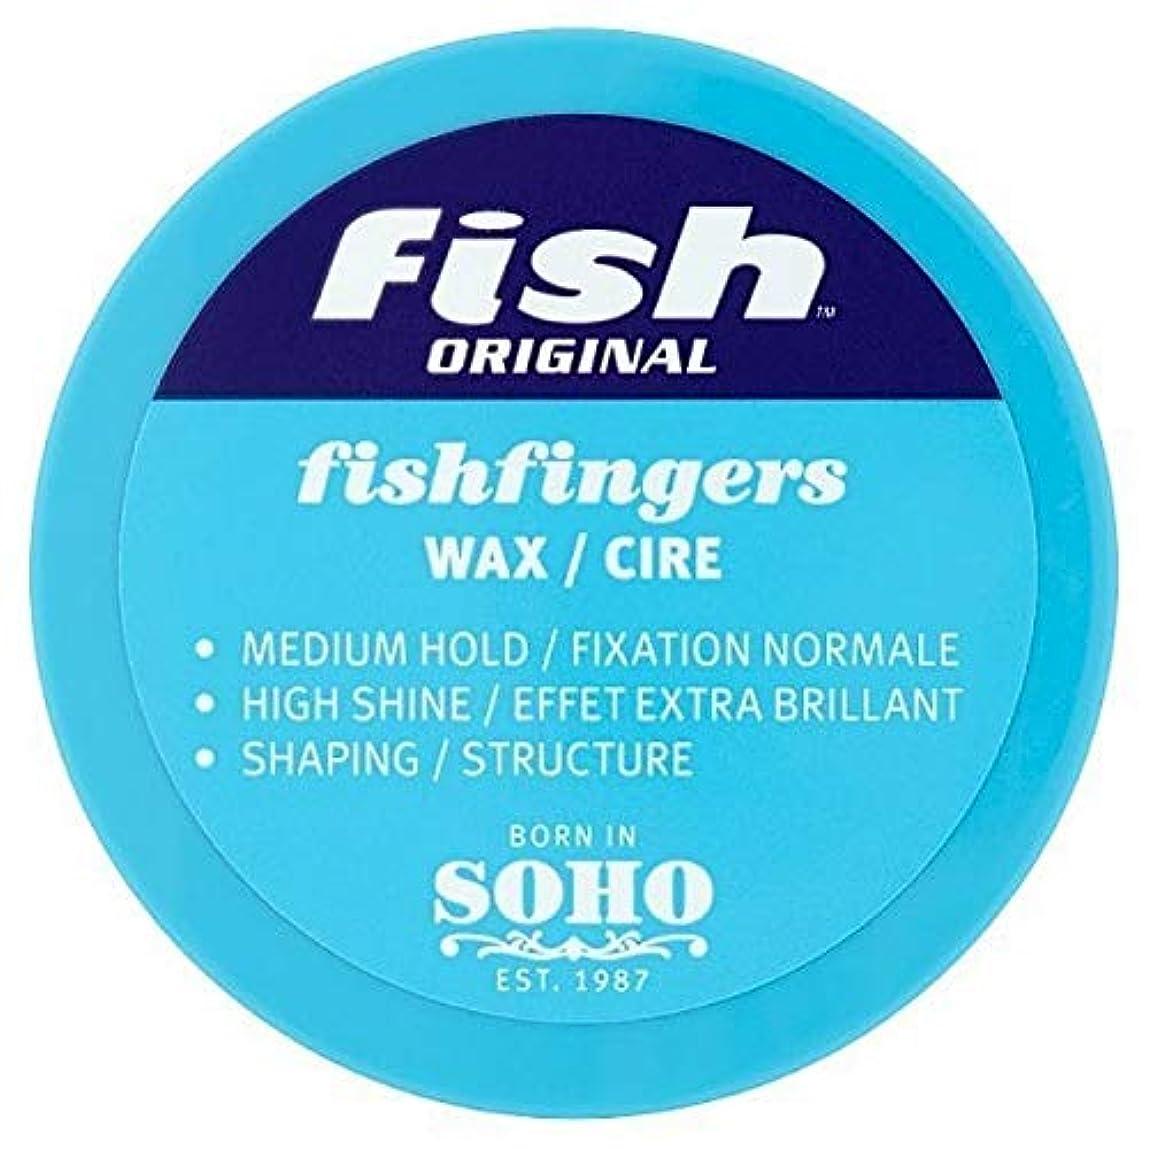 失業メニュー用心深い[Fish Soho] ワックス100ミリリットルを定義する魚本来のFishfingers形状 - Fish Original Fishfingers Shape Defining Wax 100ml [並行輸入品]